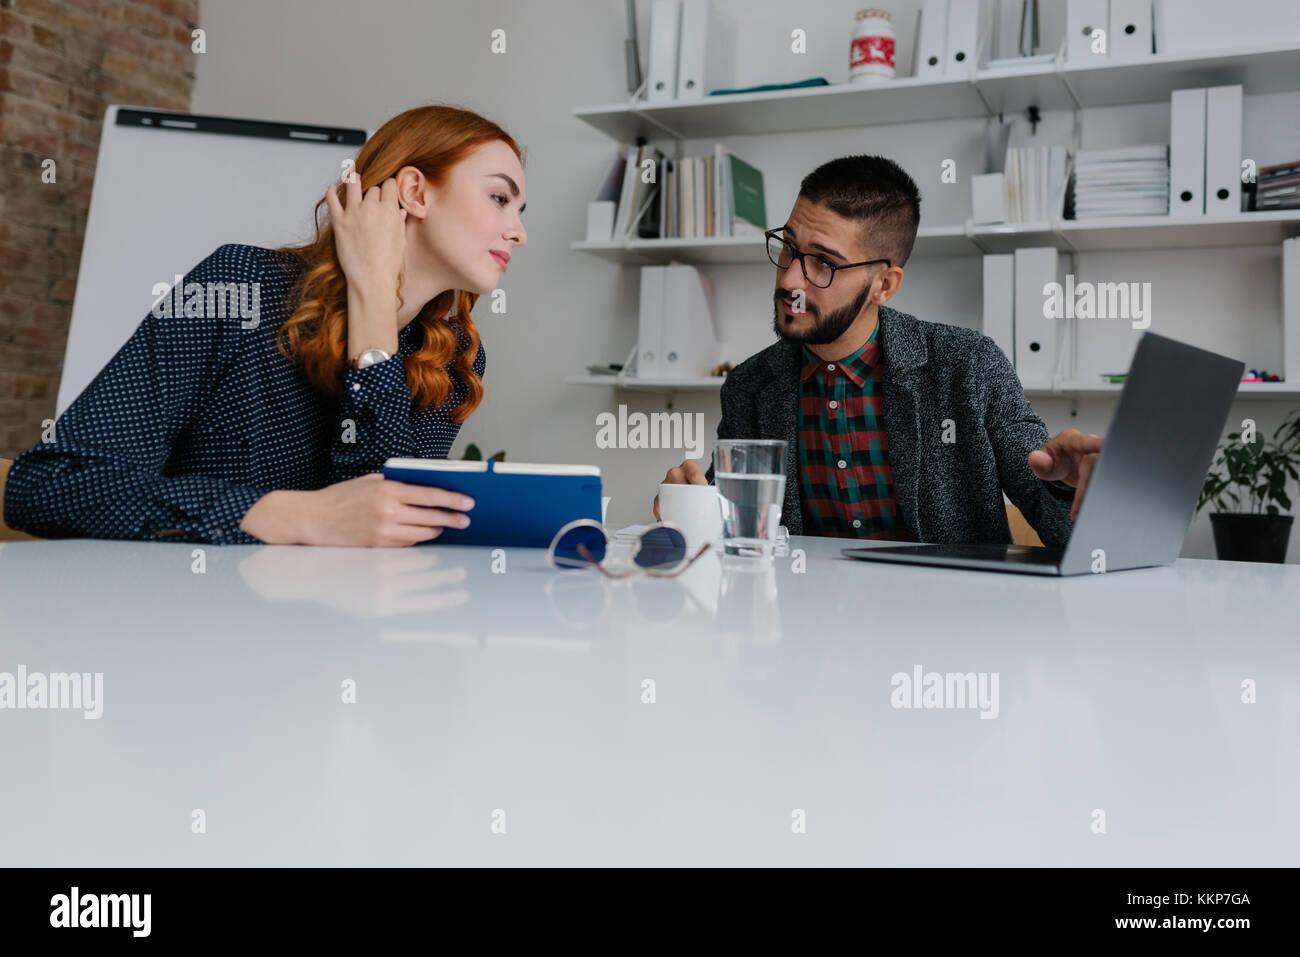 Responsabile risorse umane per spiegare la dinamica di lavoro per un nuovo dipendente Immagini Stock